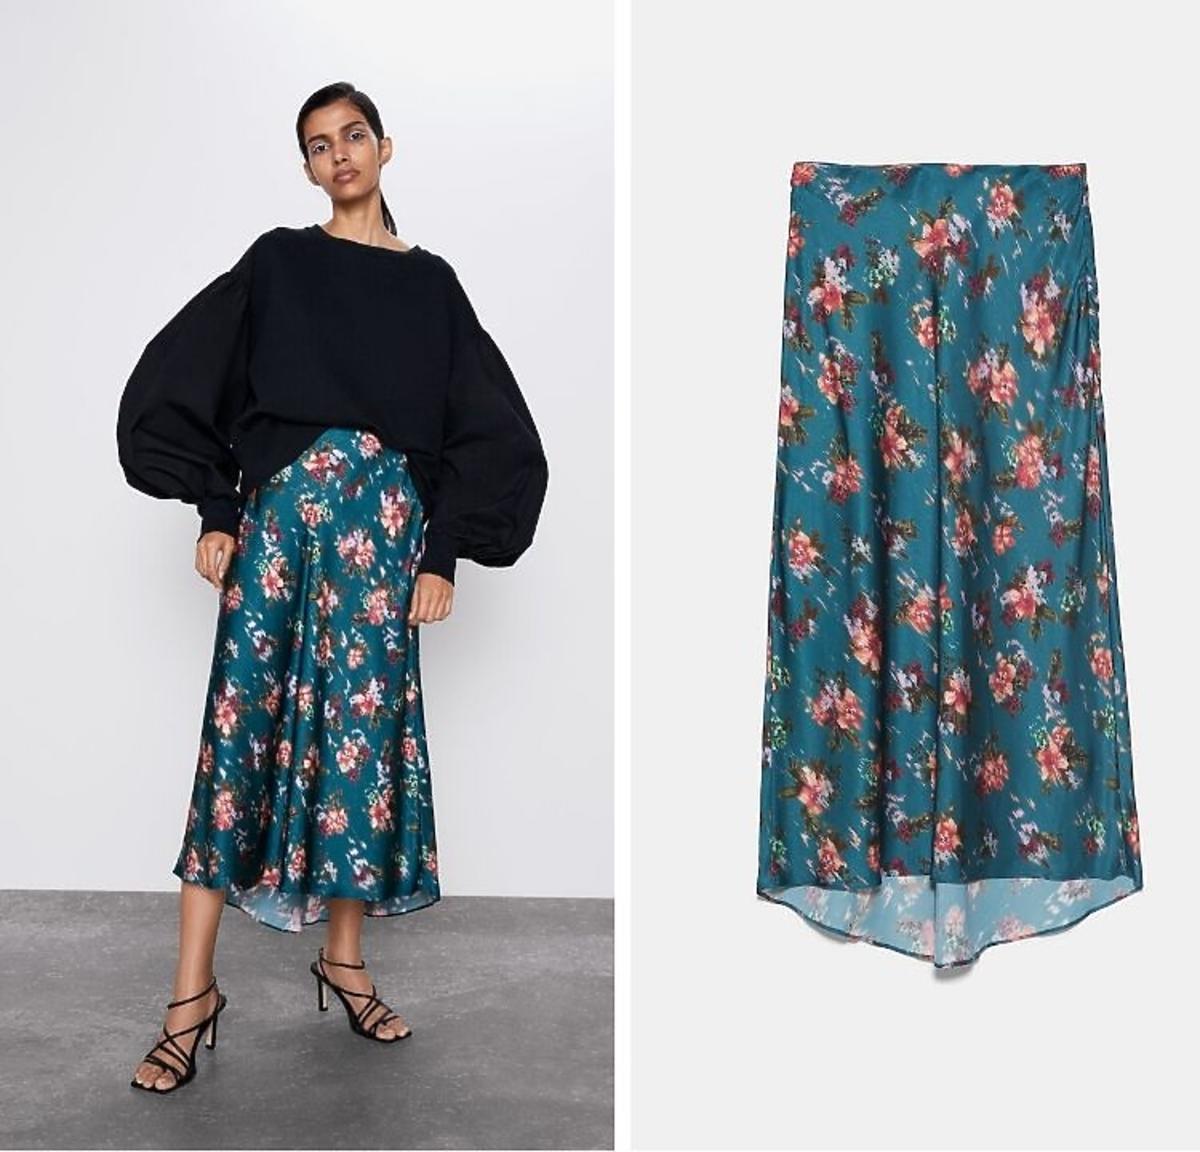 spódnica w kwiaty z wyprzedaż Zara